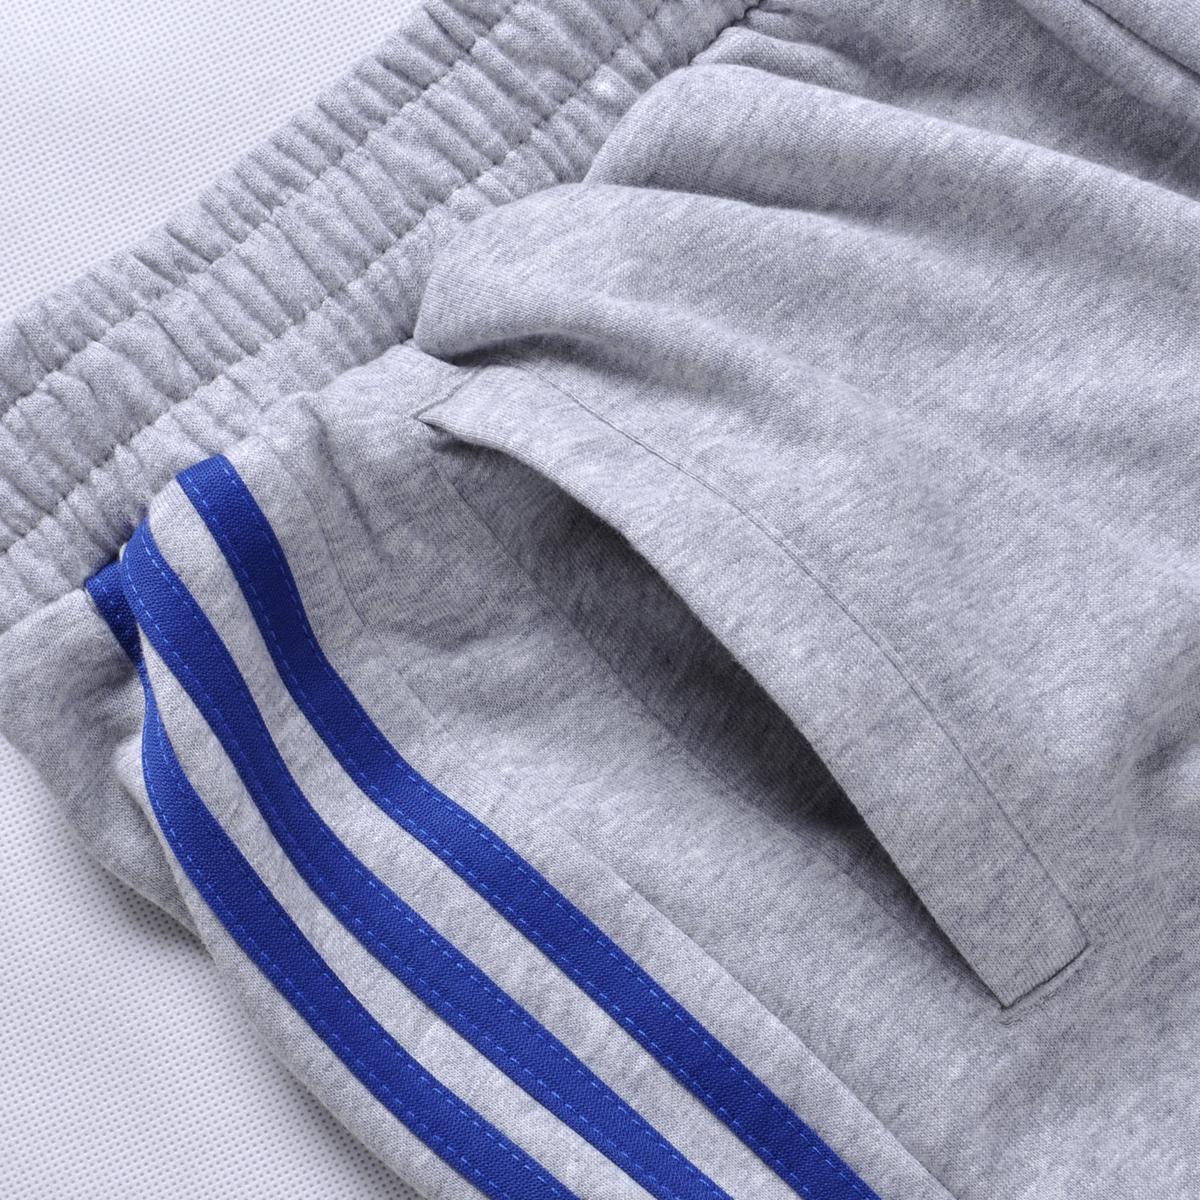 夏季运动裤男长裤薄款跑步裤大码宽松收口裤秋季针织休闲篮球卫裤